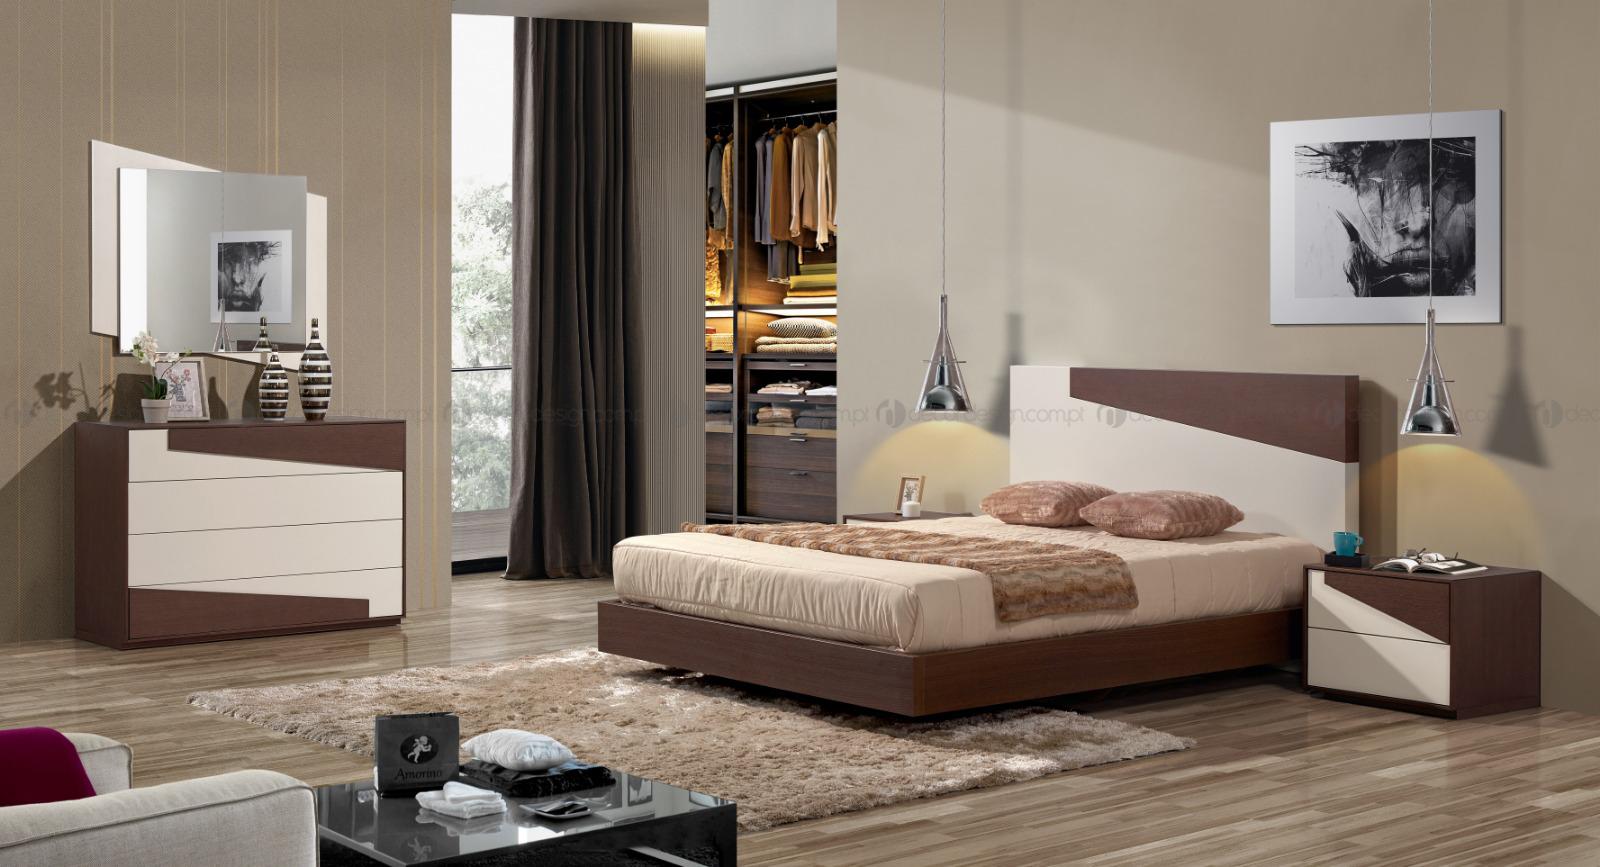 شركة تصنيع غرف نوم بالرياض